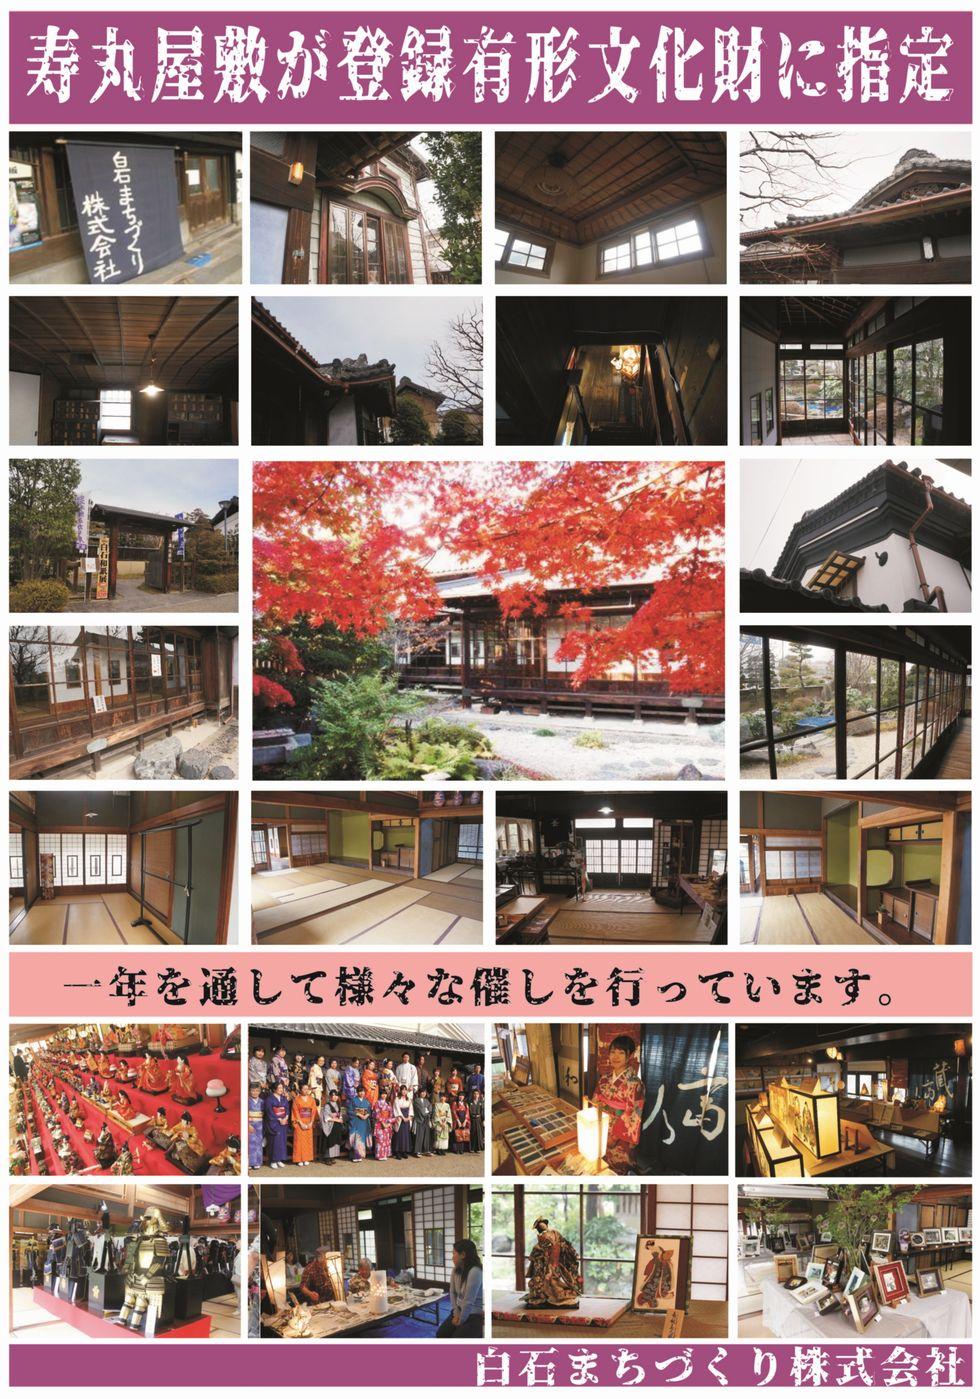 「壽丸屋敷 文化財」の画像検索結果